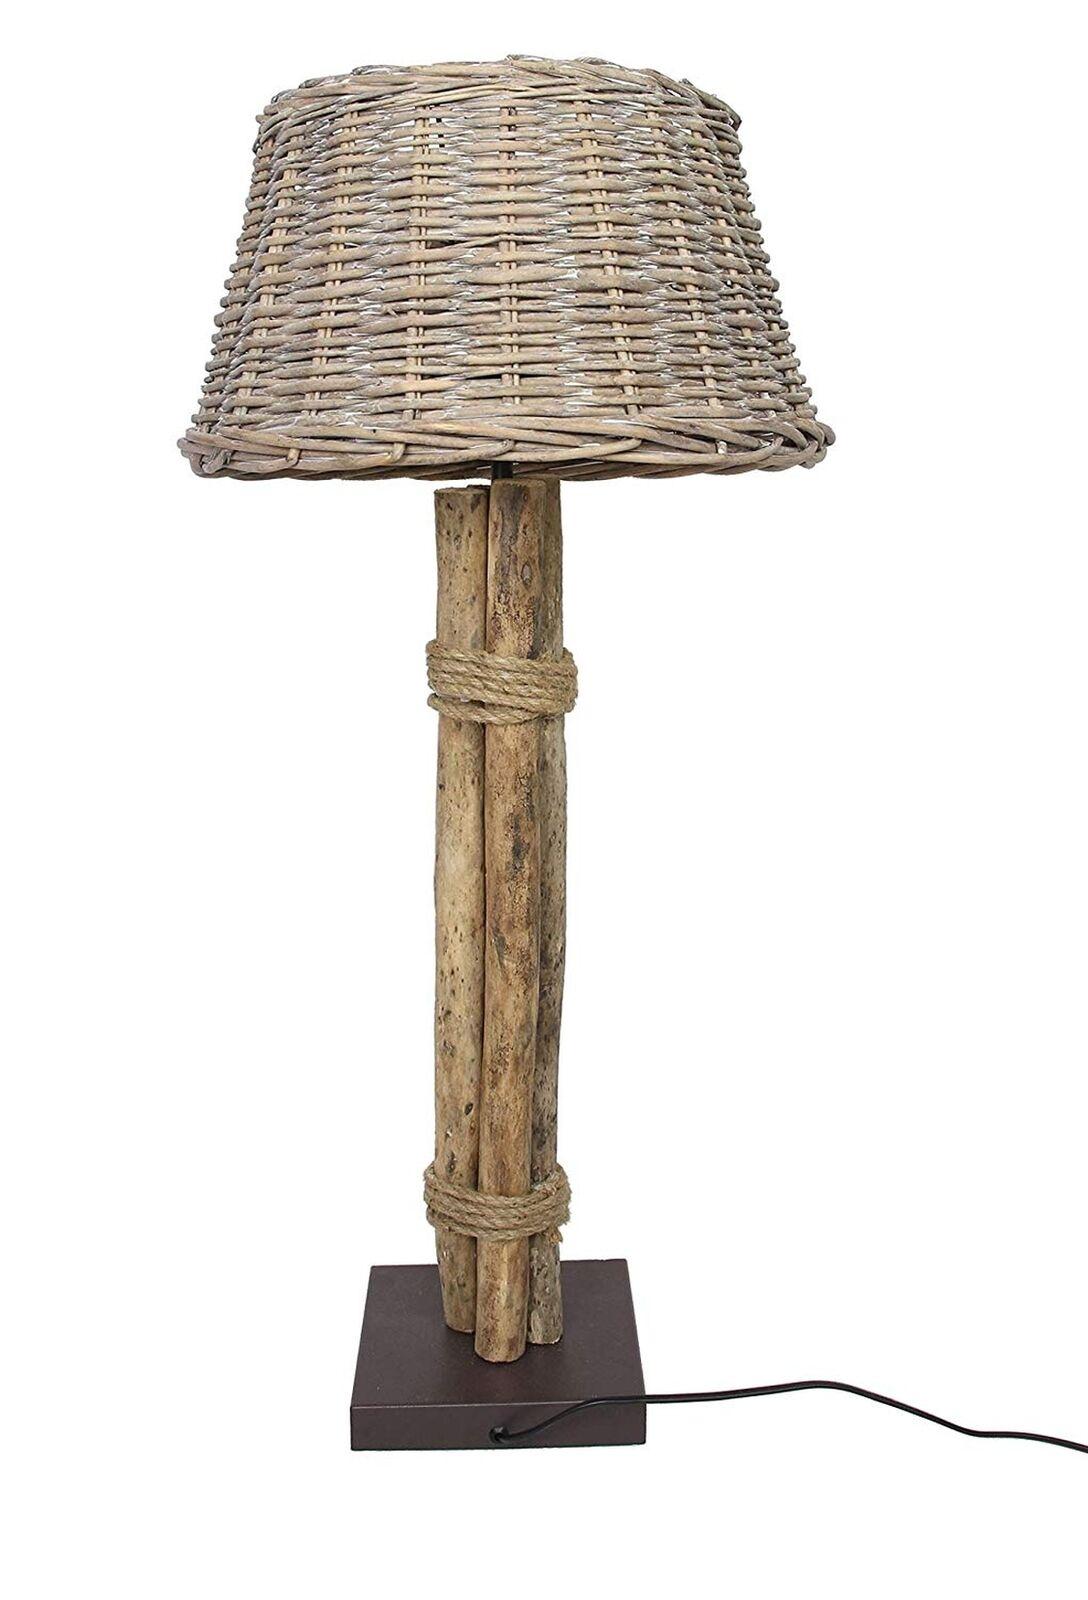 Full Size of Wohnzimmer Lampe Holz Bad Unterschrank Bett Fliesen In Holzoptik Holzfliesen Lampen Schlafzimmer Massivholz Sideboard Gardine Deckenleuchten Wandtattoo Wohnzimmer Wohnzimmer Lampe Holz